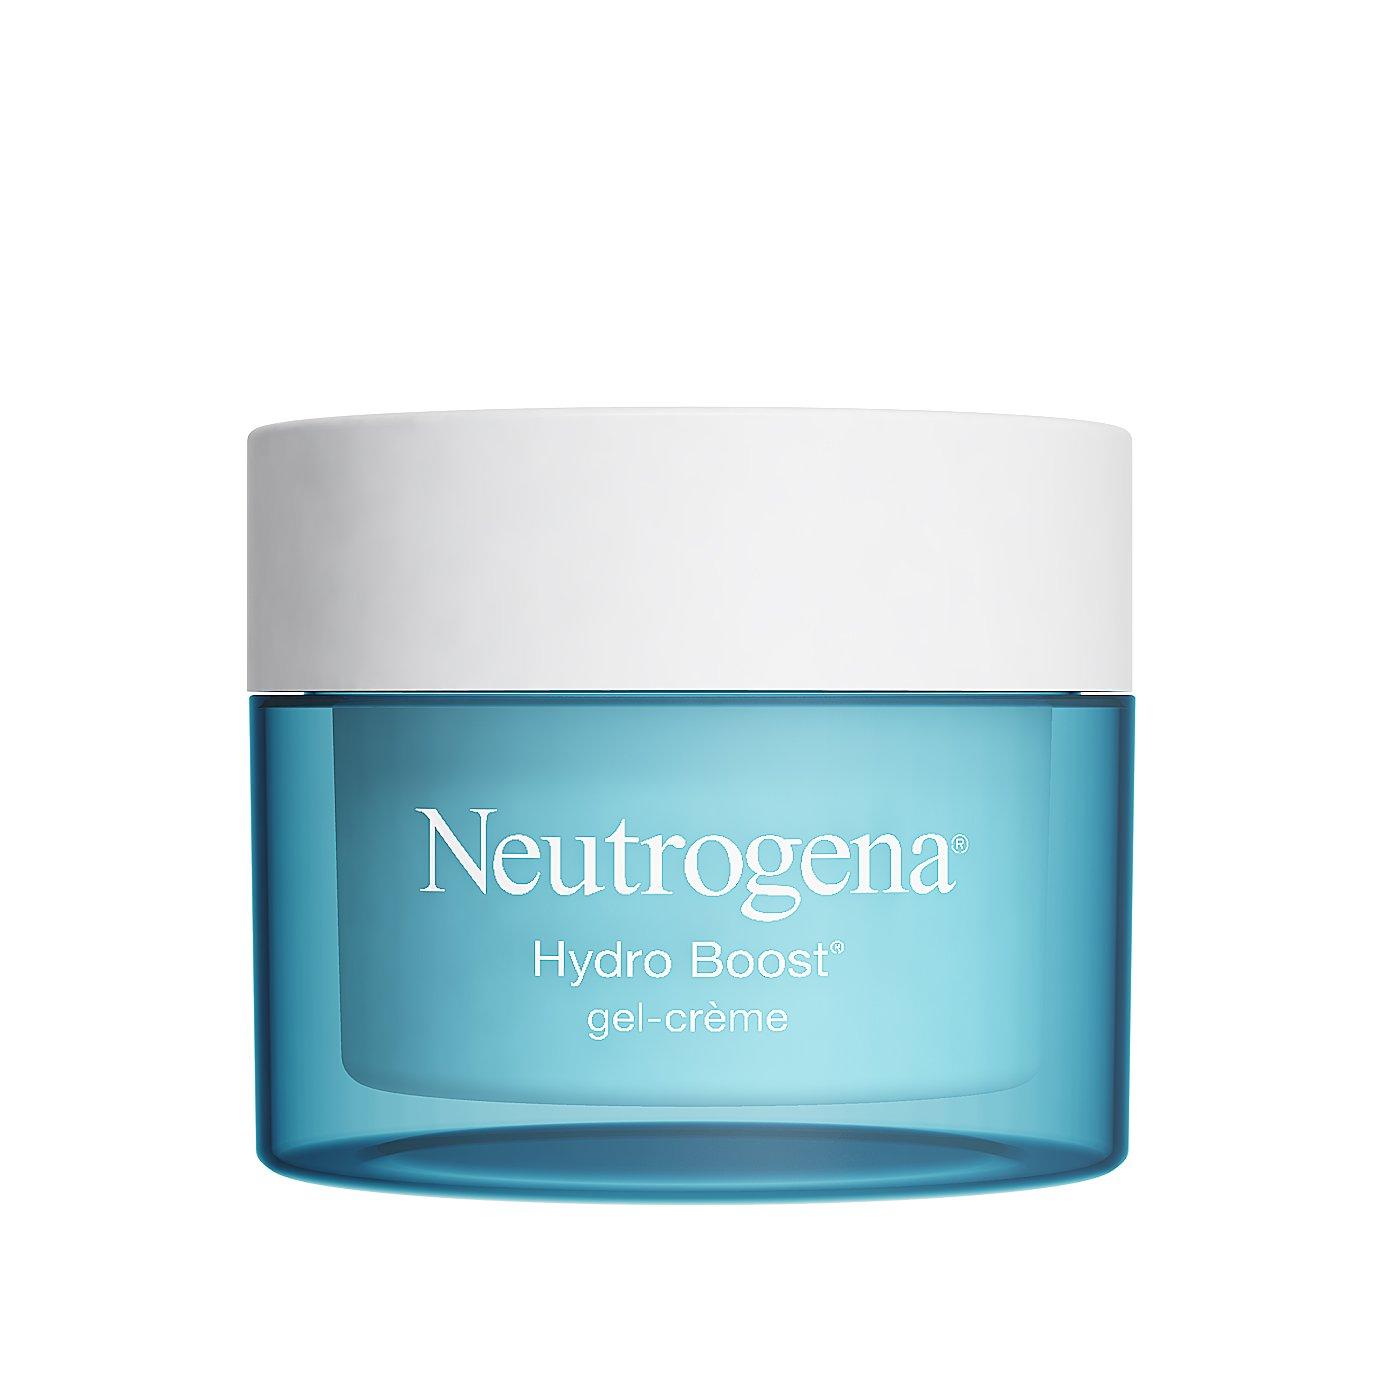 Neutrogena Hydro Boost Hydratant Gel-Crème